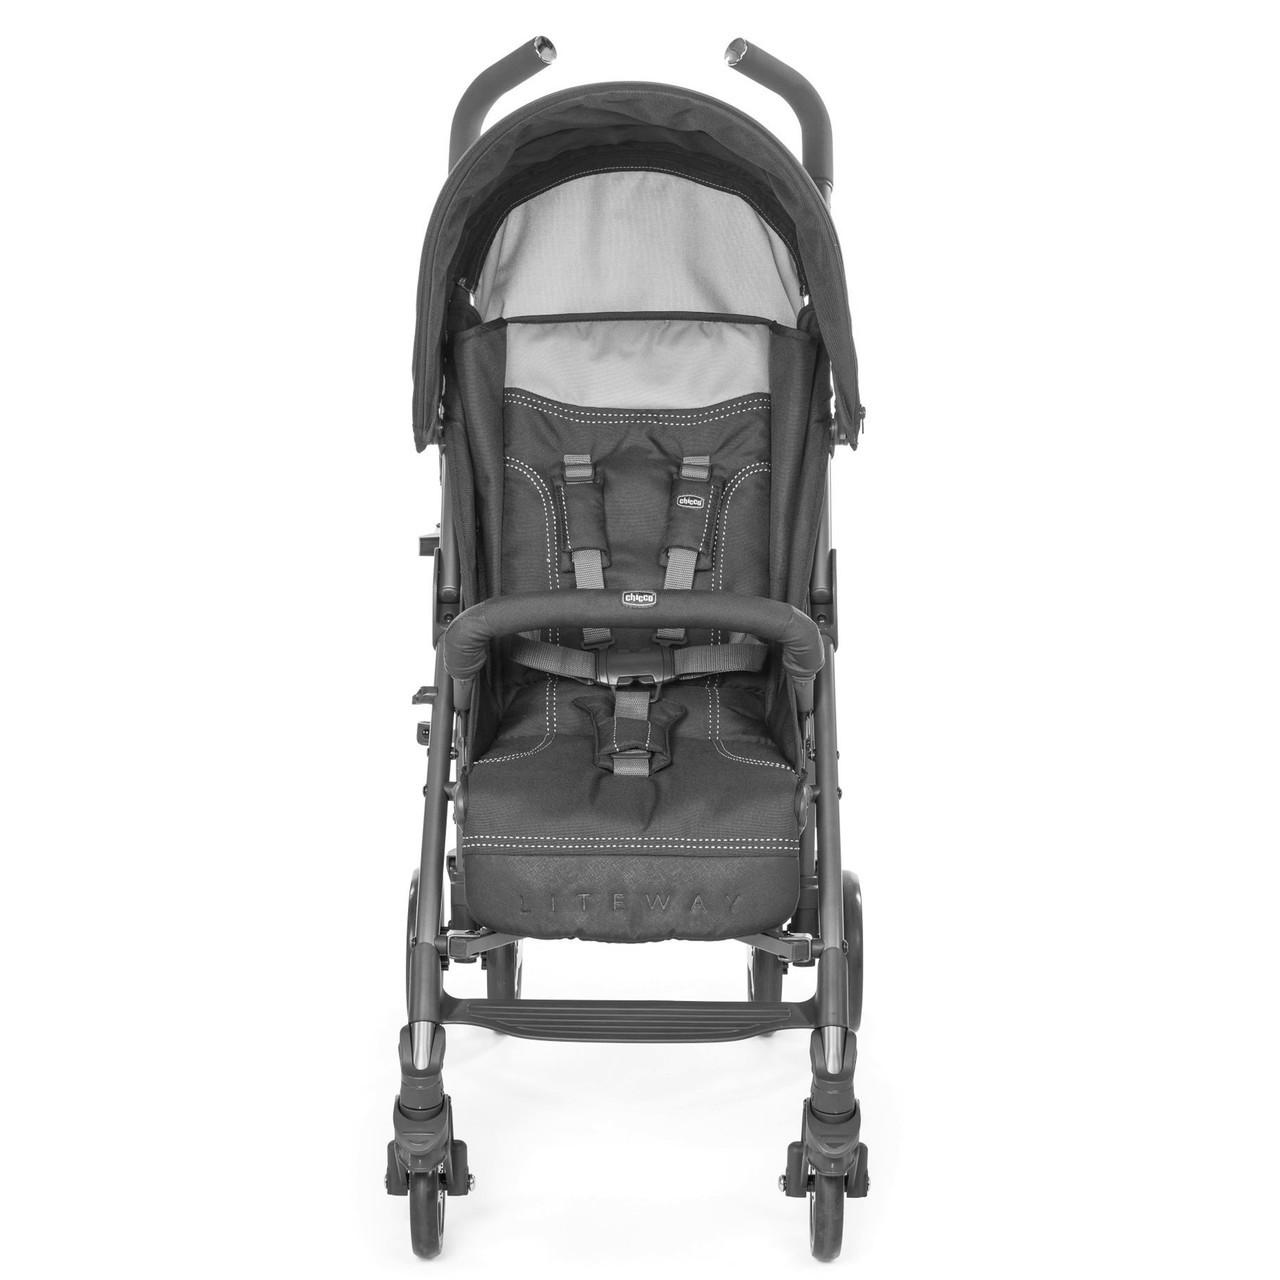 9232de9b6a3 Kids Company by Richprime, Inc. | Chicco Liteway III Stroller - Jet ...